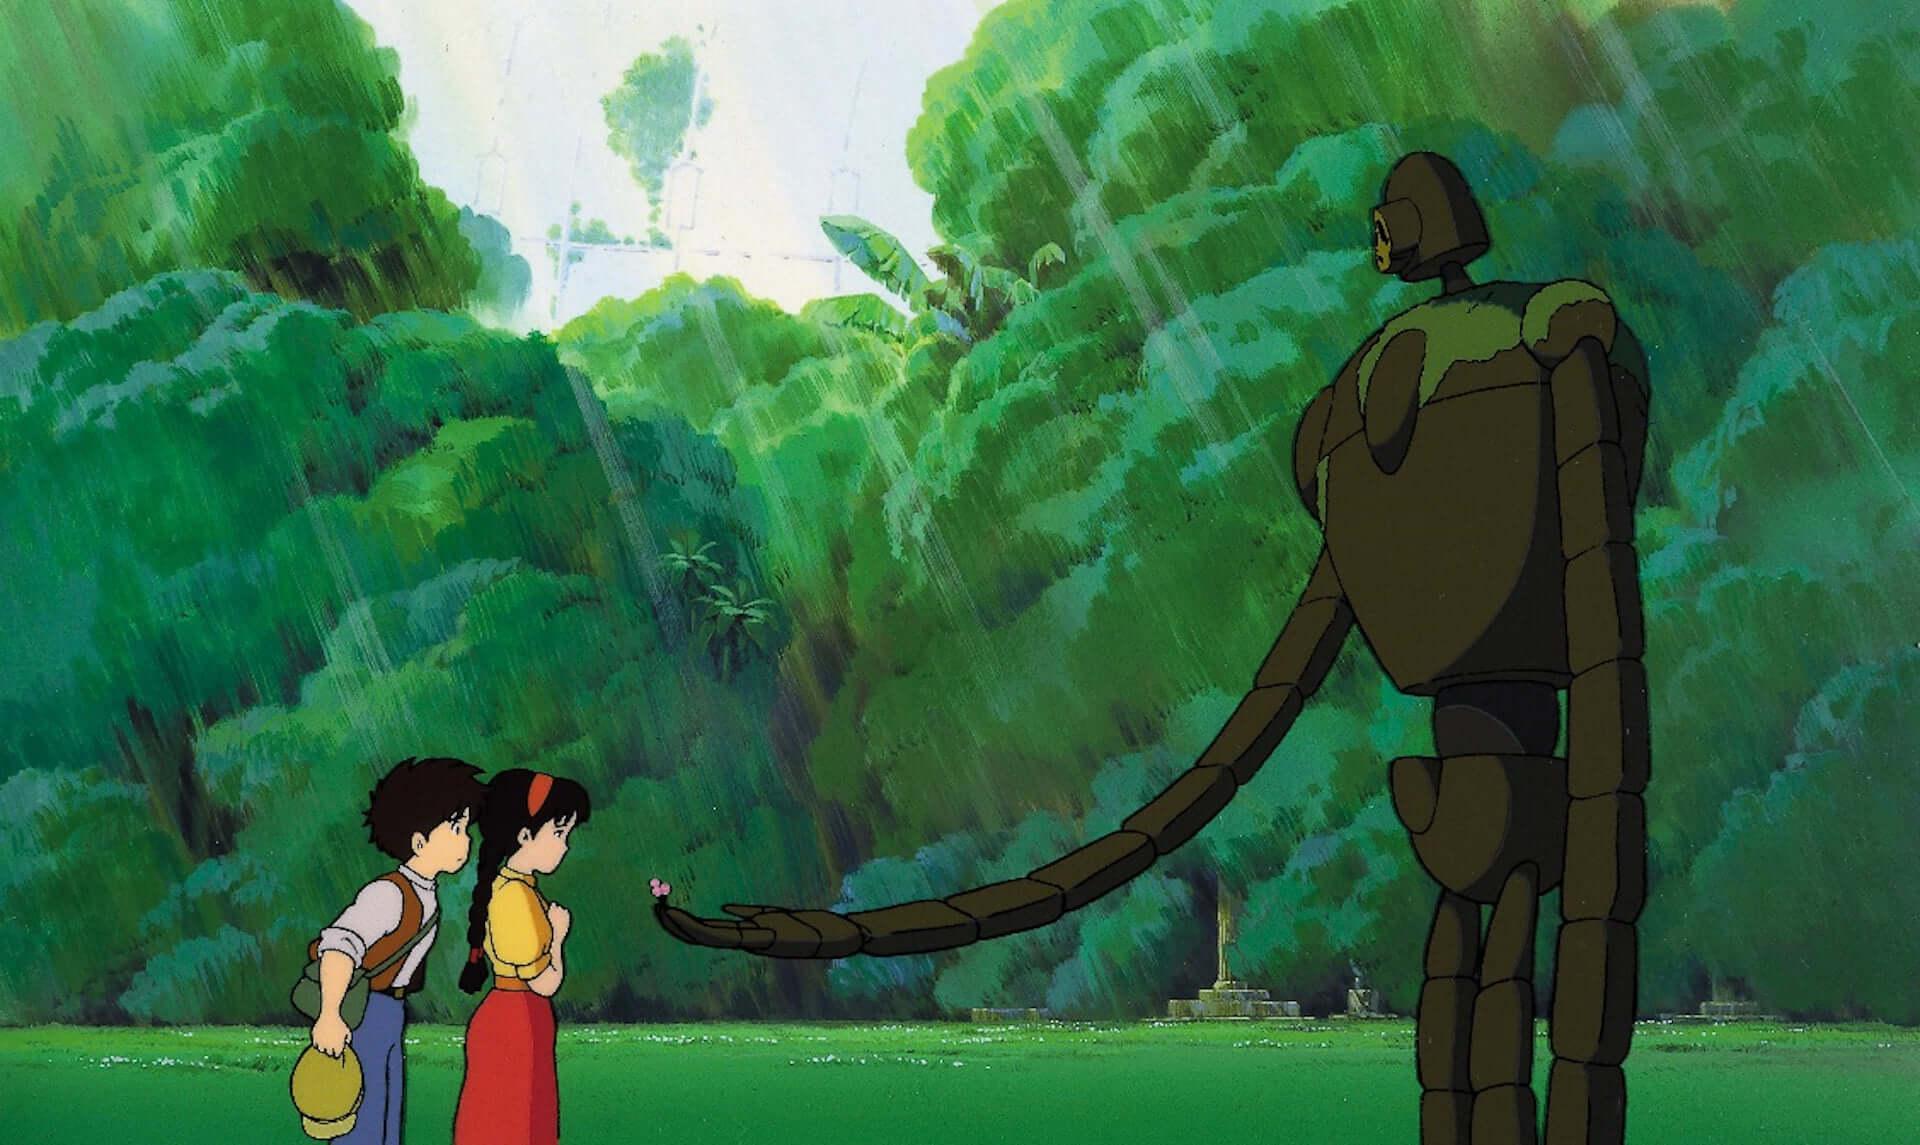 スタジオジブリとアカデミー映画博物館がコラボ!宮崎駿のキャリアを辿る<宮崎駿展>が開催決定&鈴木敏夫のコメントも到着 art200911_hayao-miyazaki_30-1920x1145